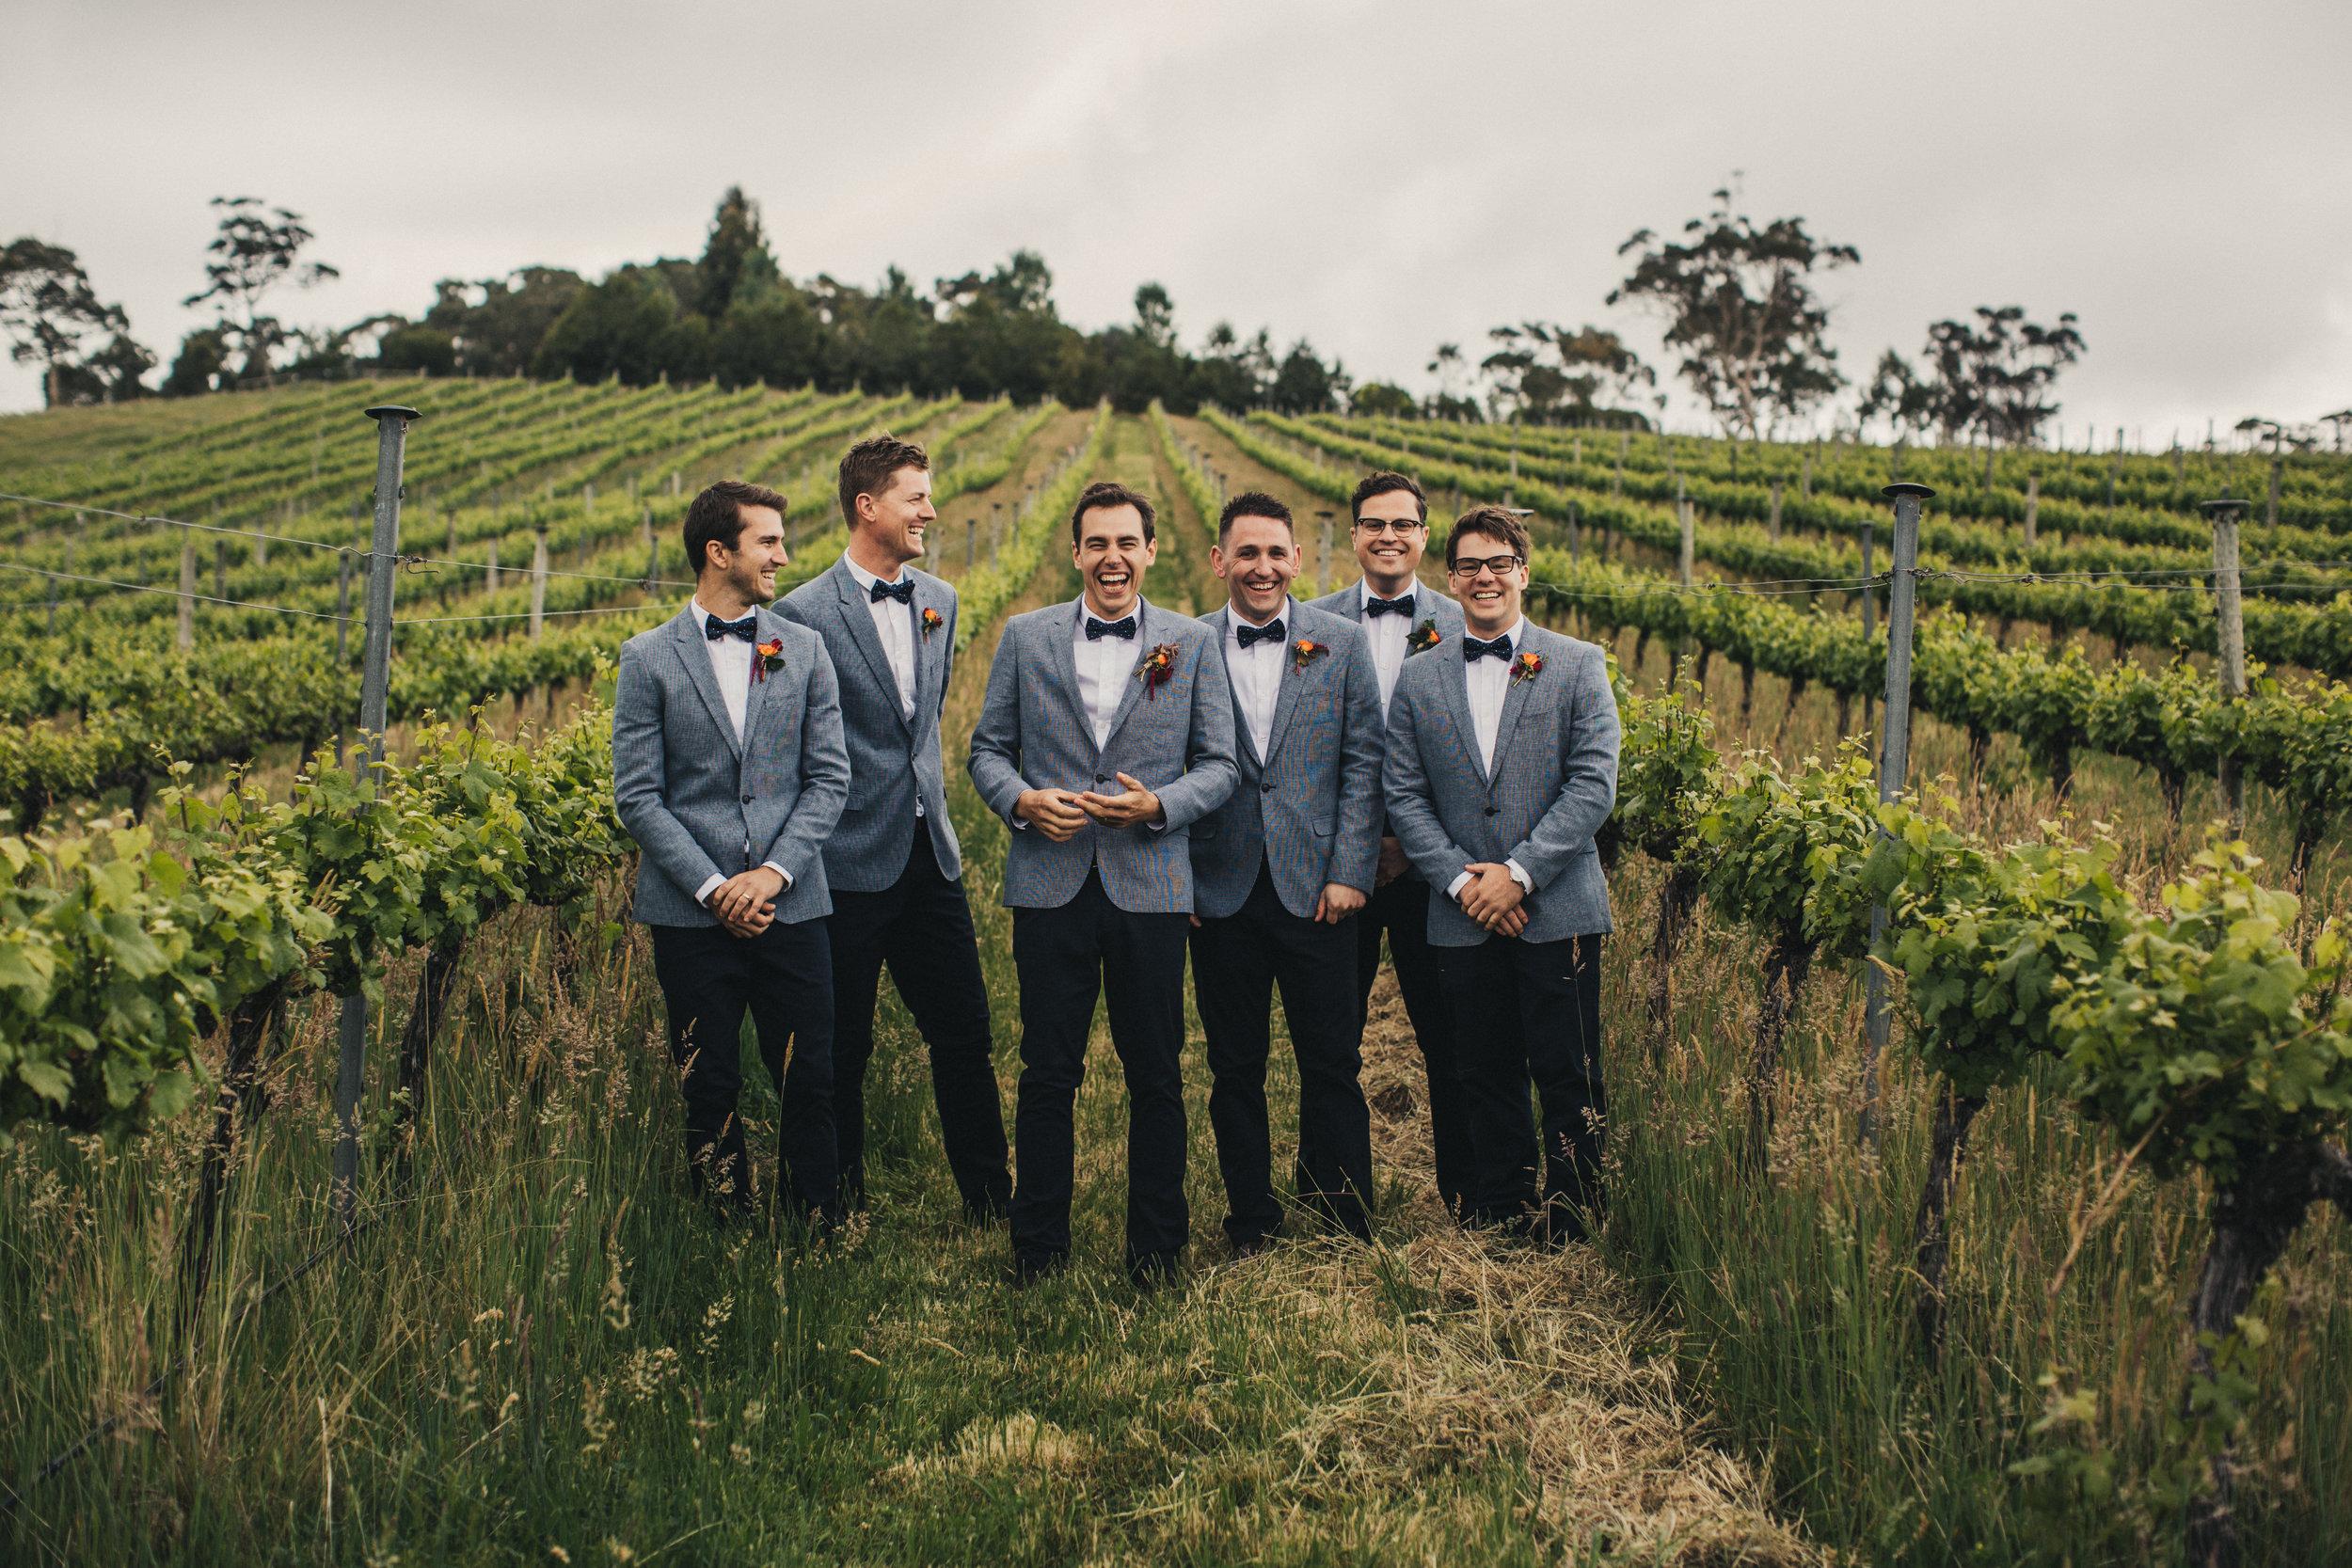 zoe-rob-wedding-412.jpg